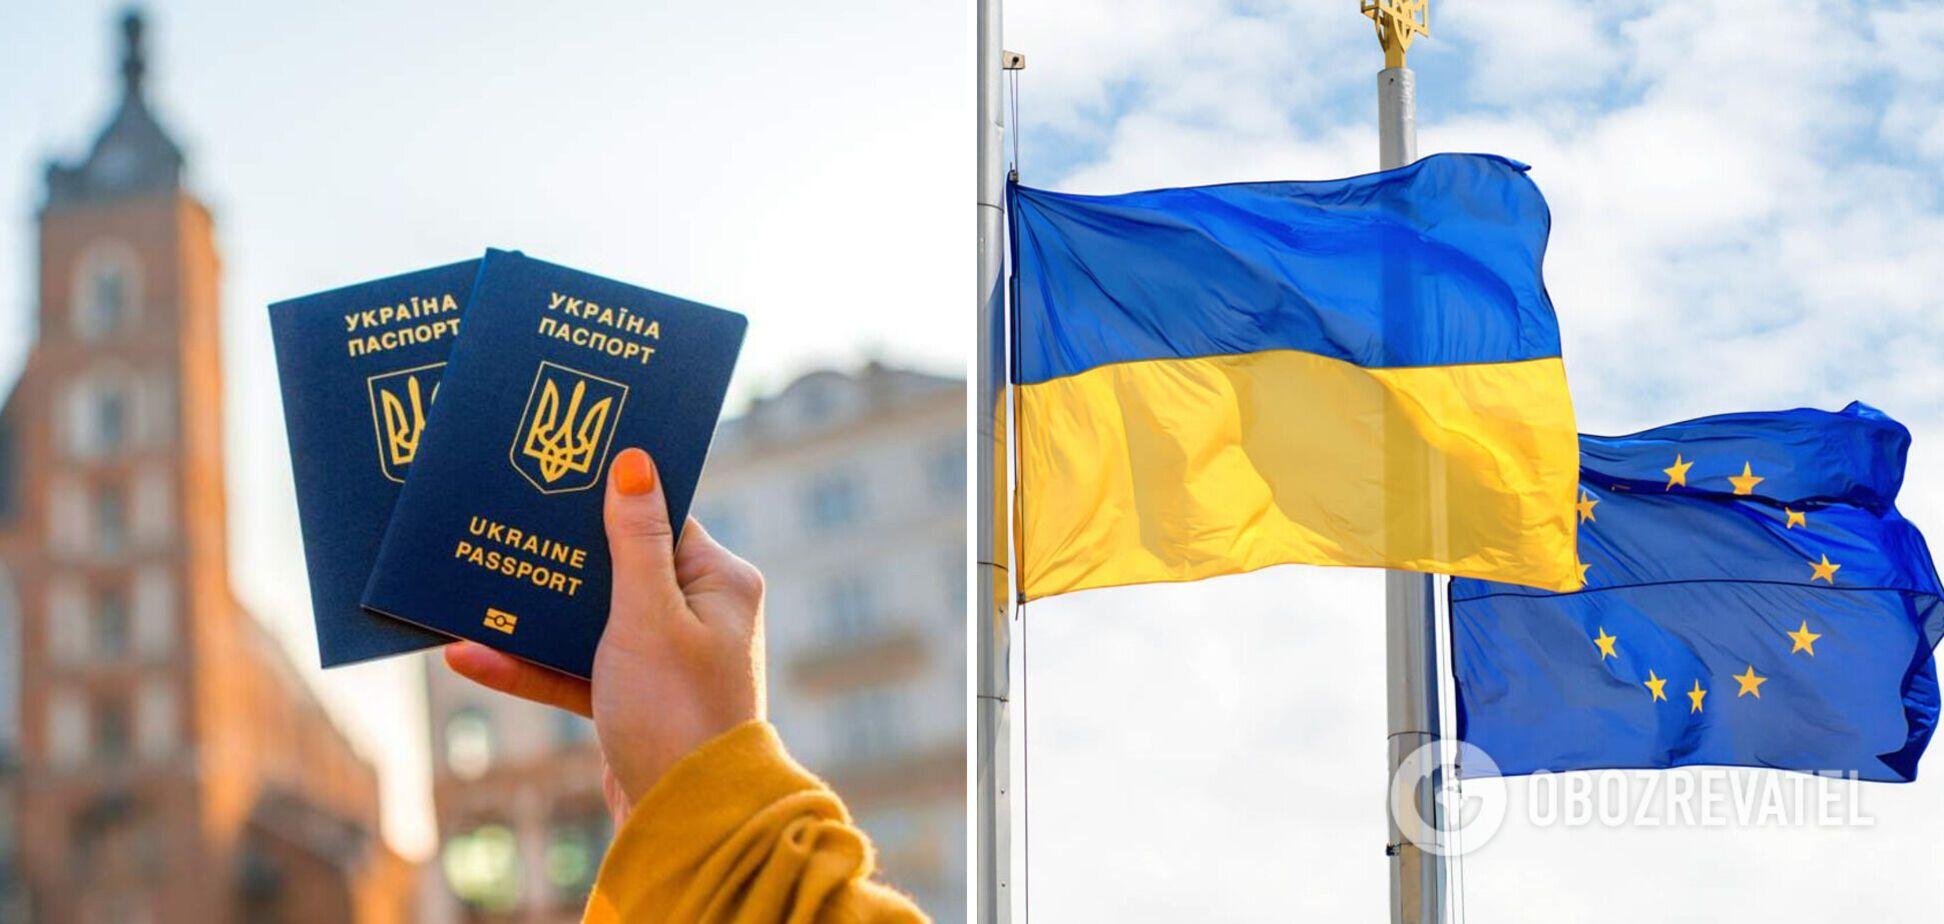 В СМИ появилась информация, что Украина может потерять безвиз с ЕС